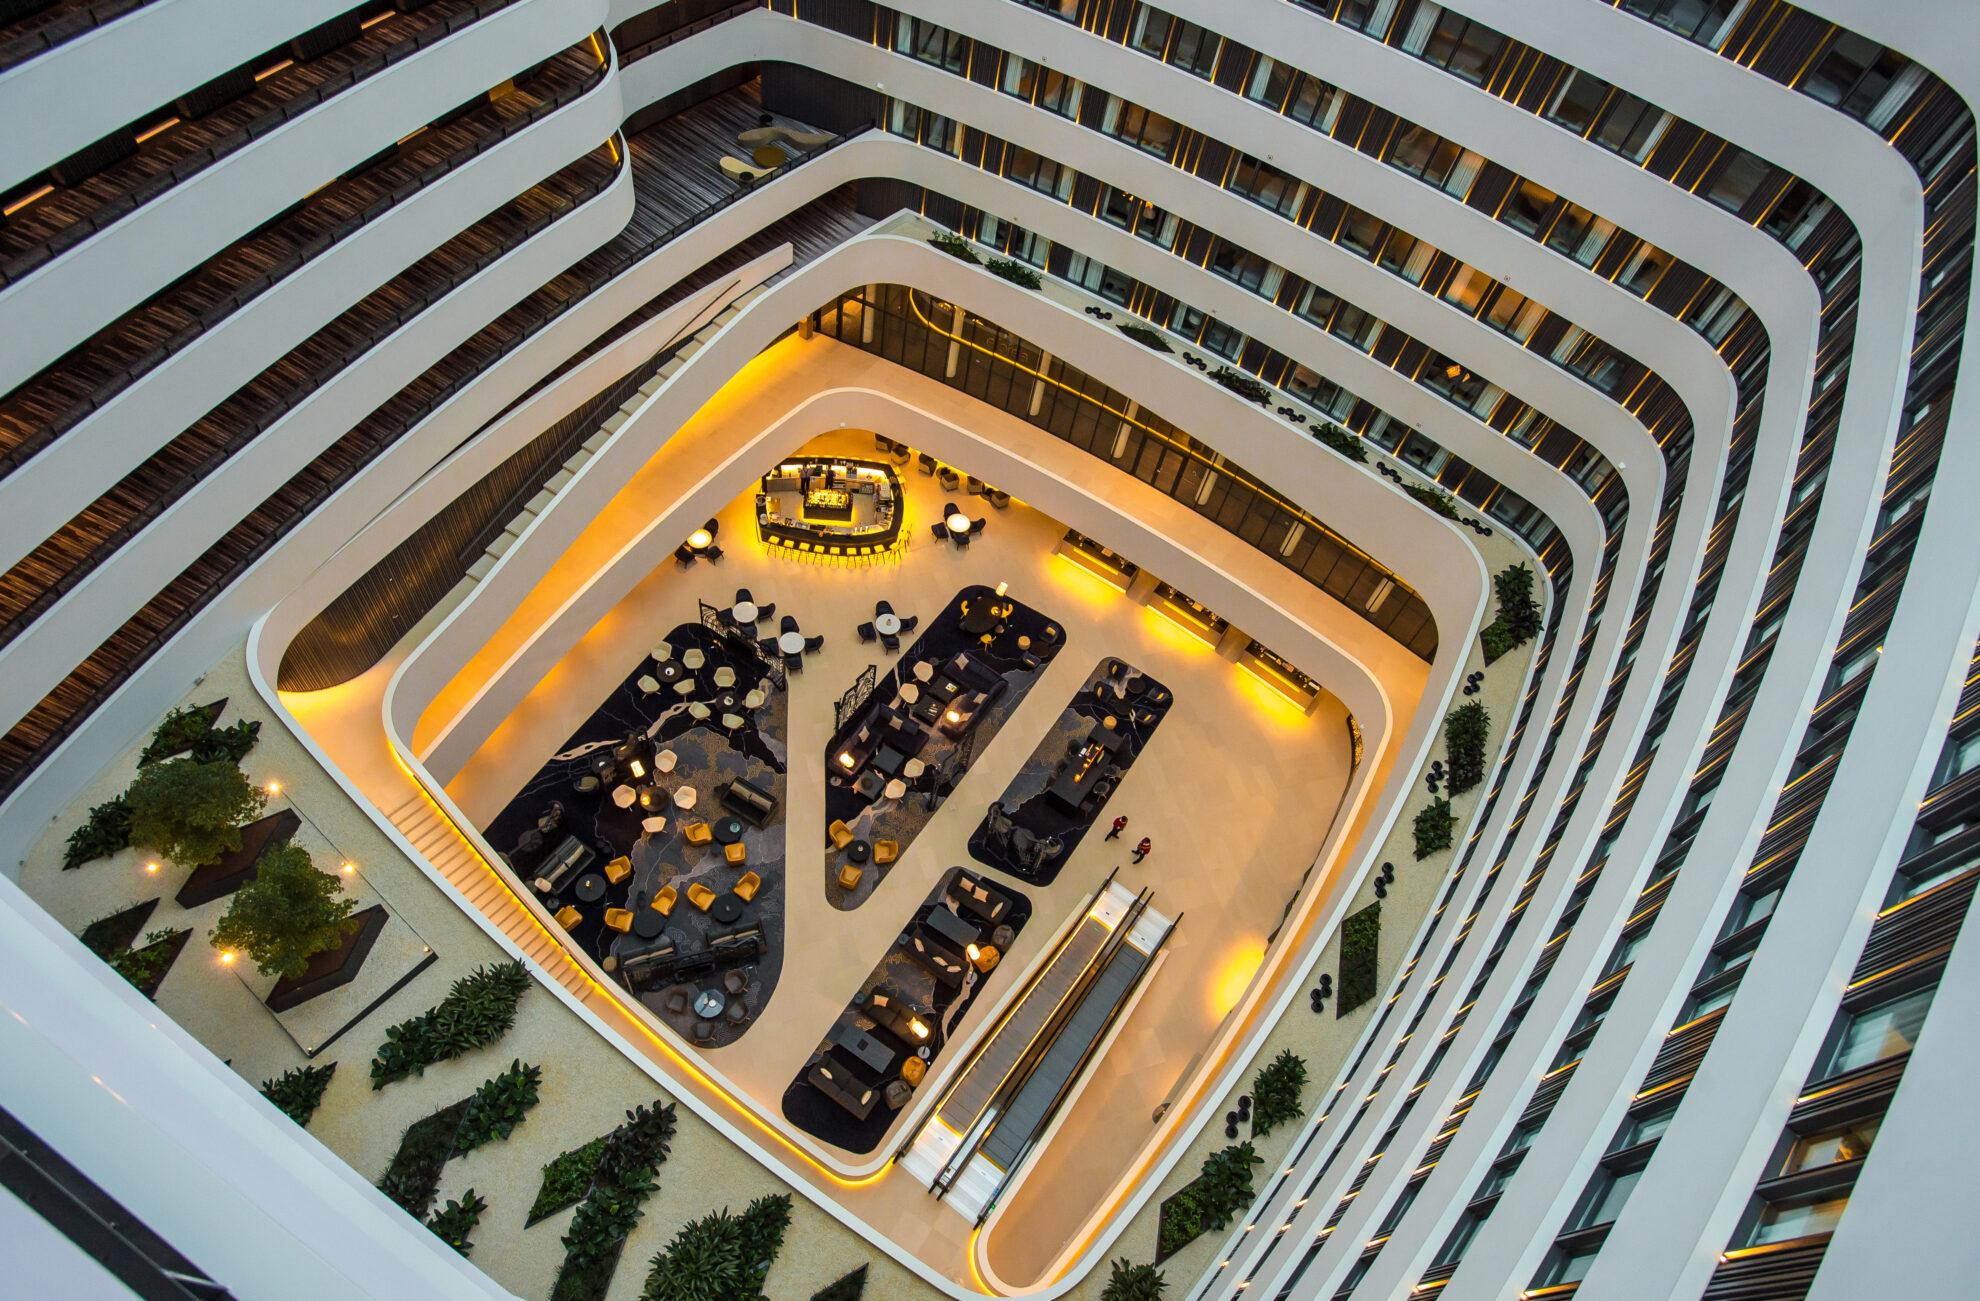 17 december opent het nieuwe Hilton